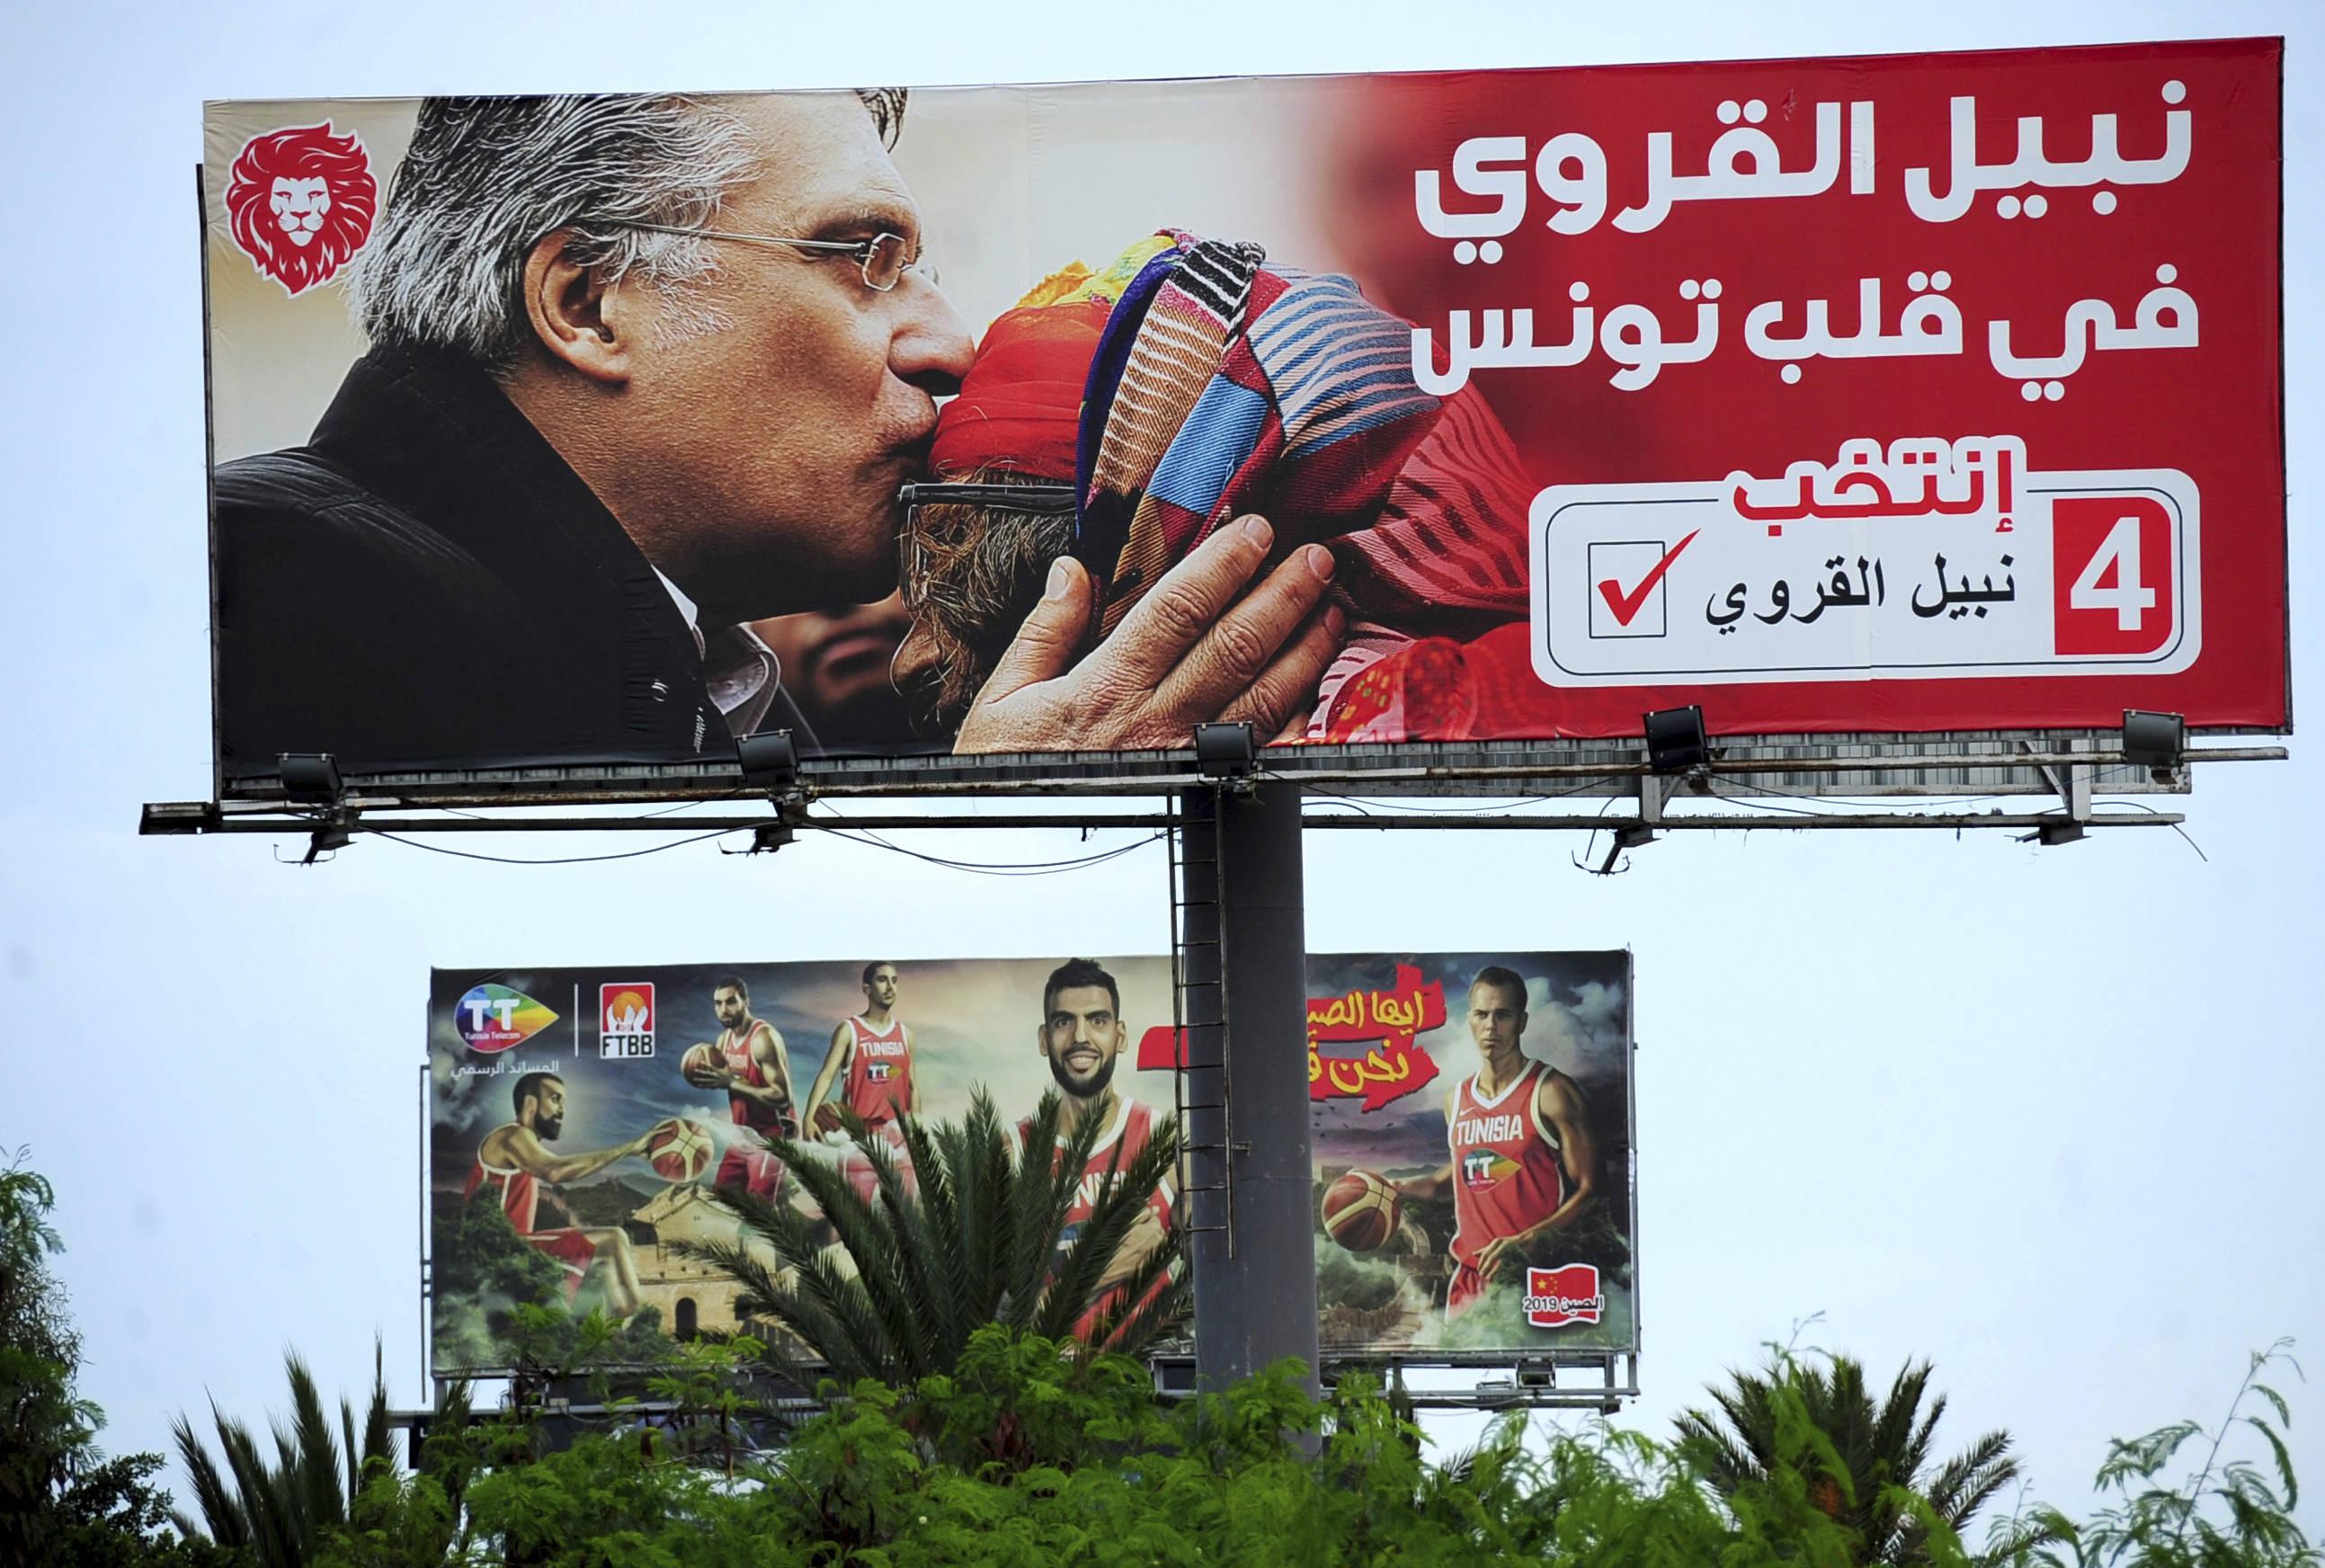 Une affiche électorale du candidat Nabil Karoui, à Tunis (image d'illustration).